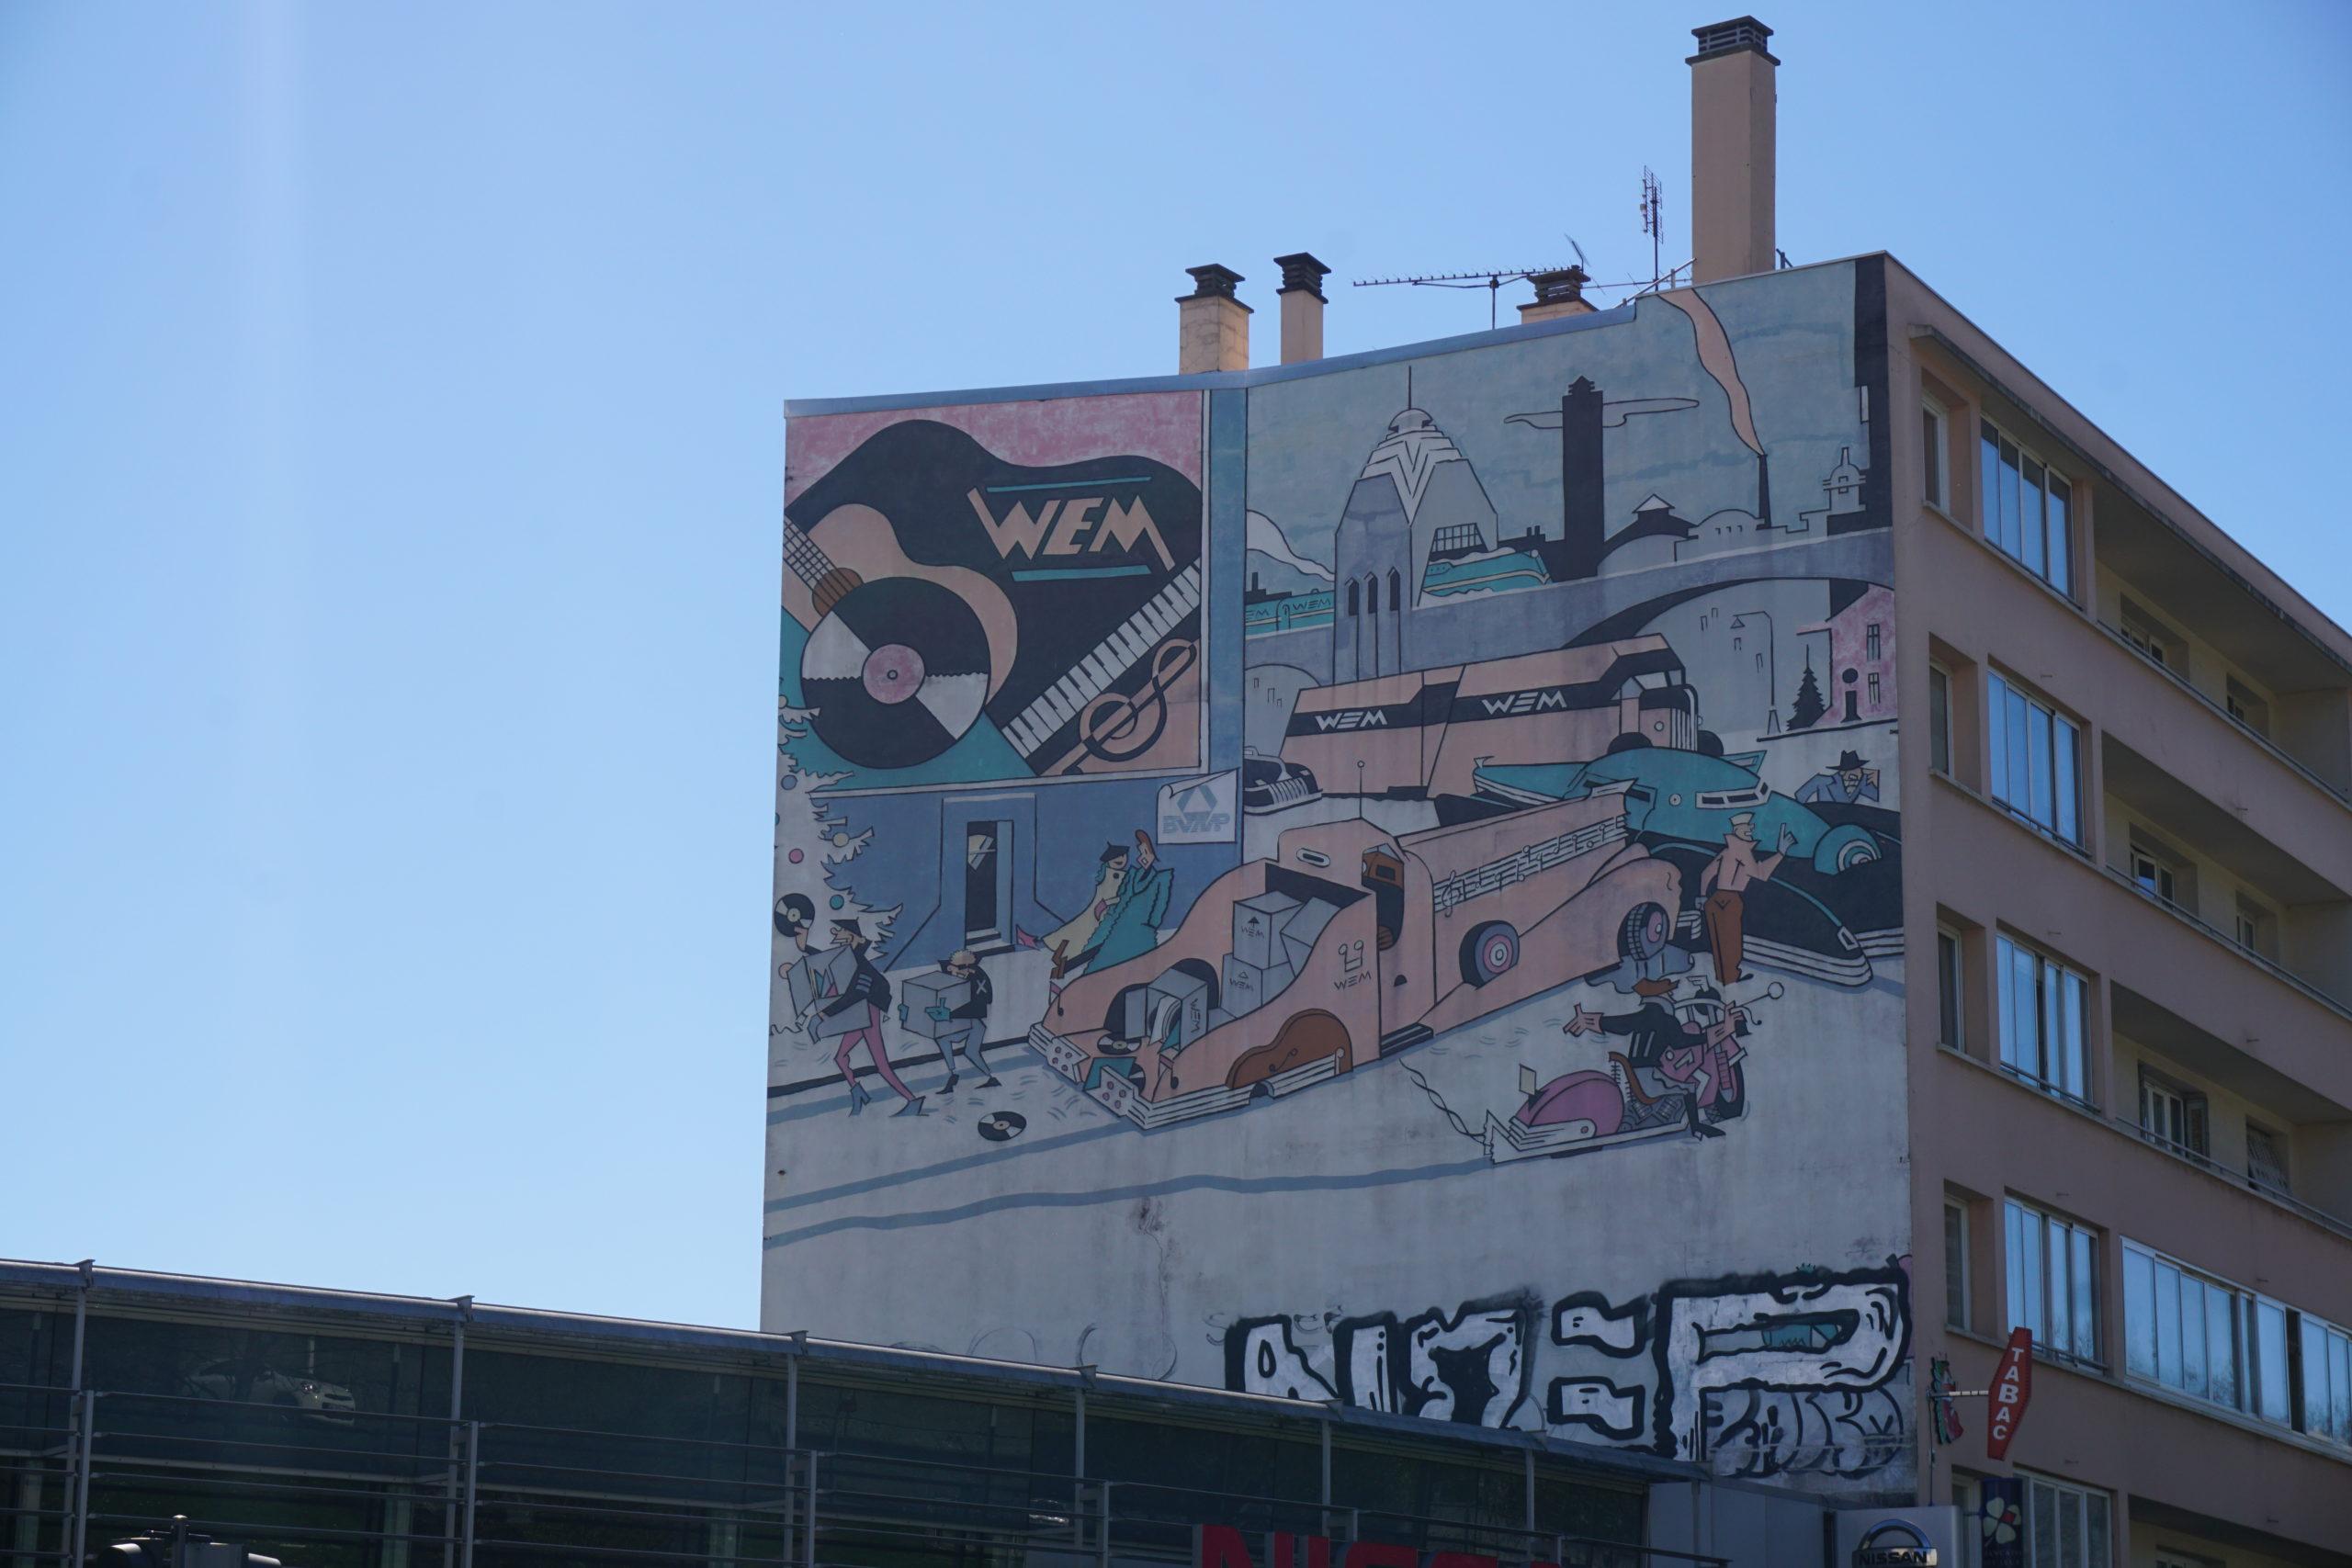 La camionnette fresque murale Lyon 9